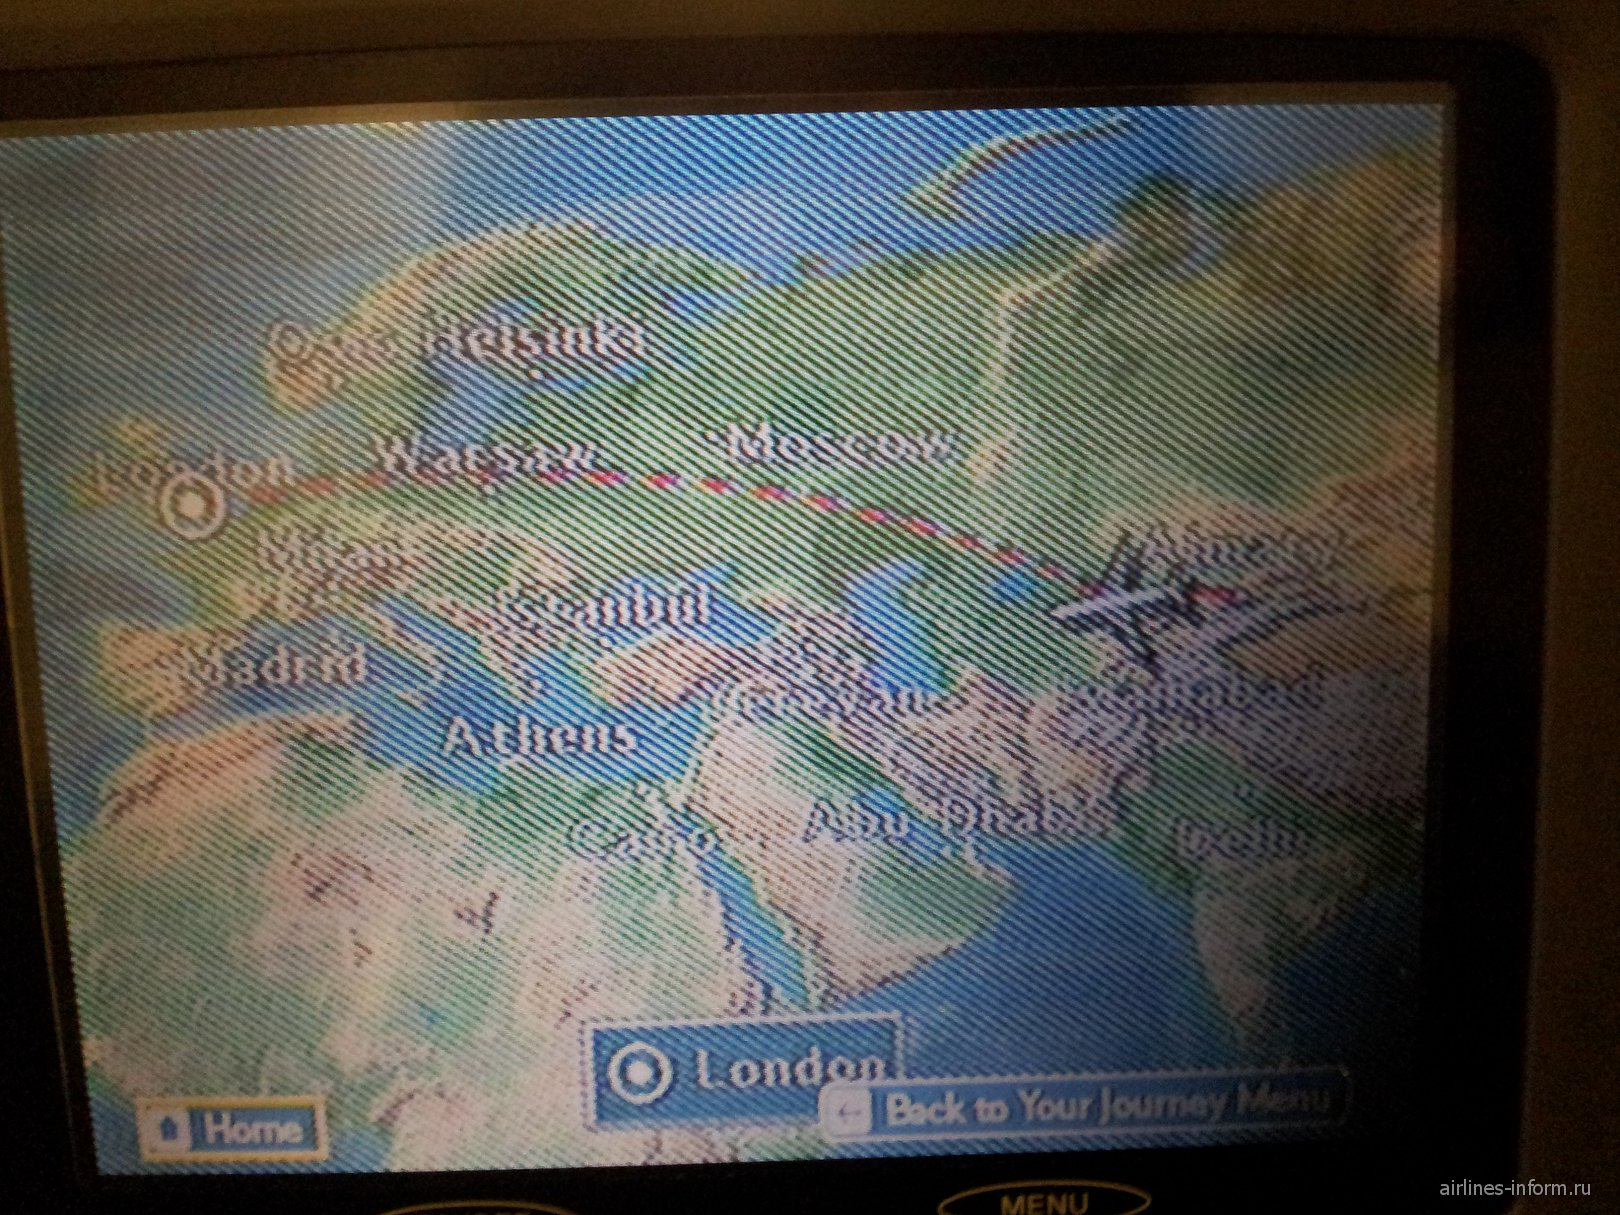 Рейс Алматы-Лондон Британских авиалиний